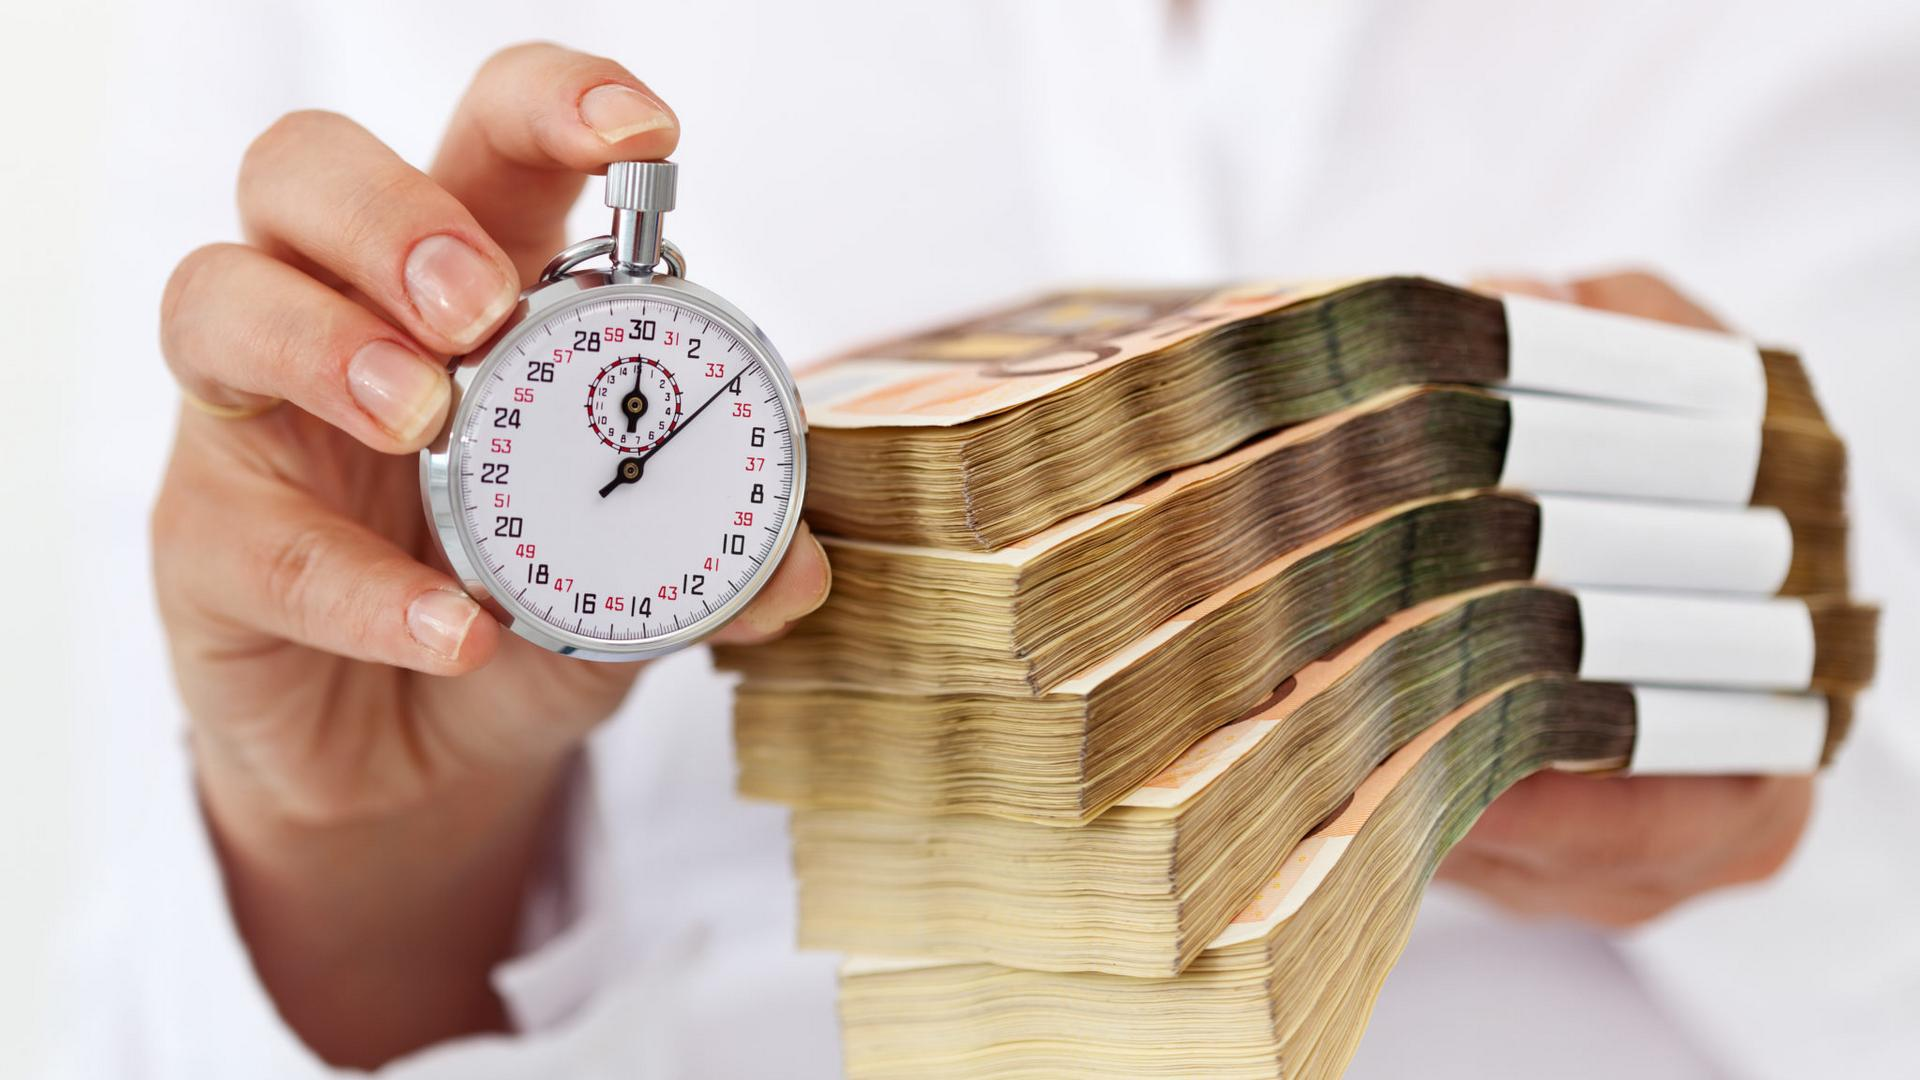 где взять кредит без отказа без справок и поручителей в туле наличными